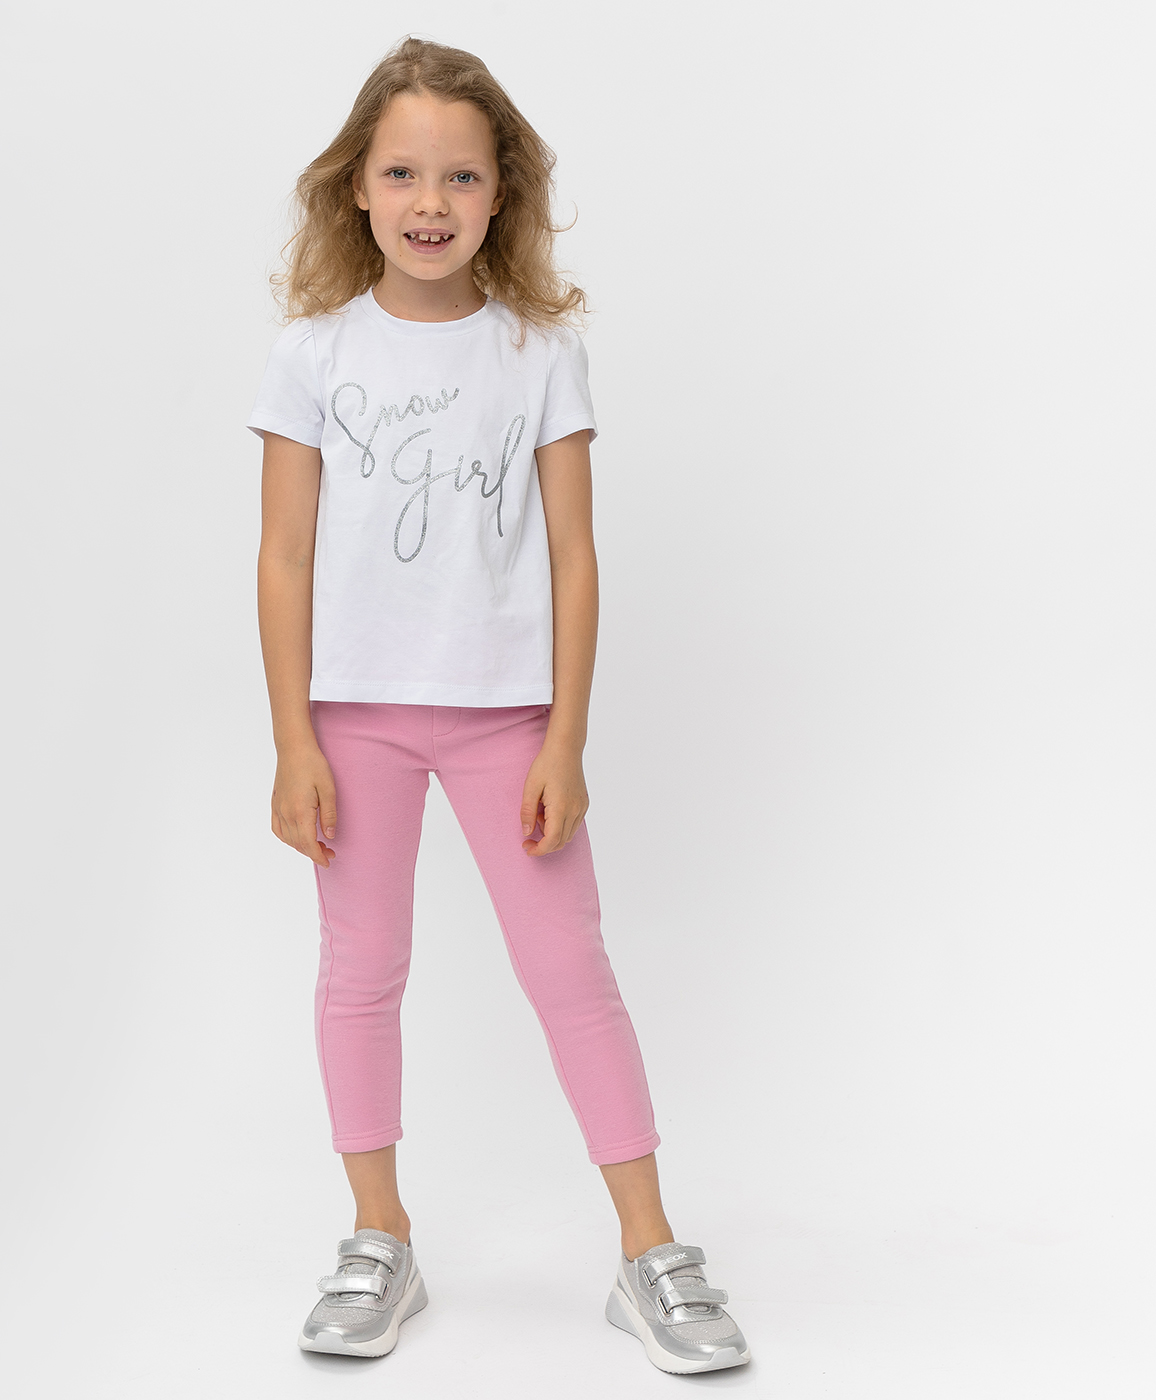 220BBGMC13021200, Розовые брюки Button Blue, розовый, 128, Бондированное трикотажное полотно, Женский, Зима, ОСЕНЬ/ЗИМА 2020-2021  - купить со скидкой